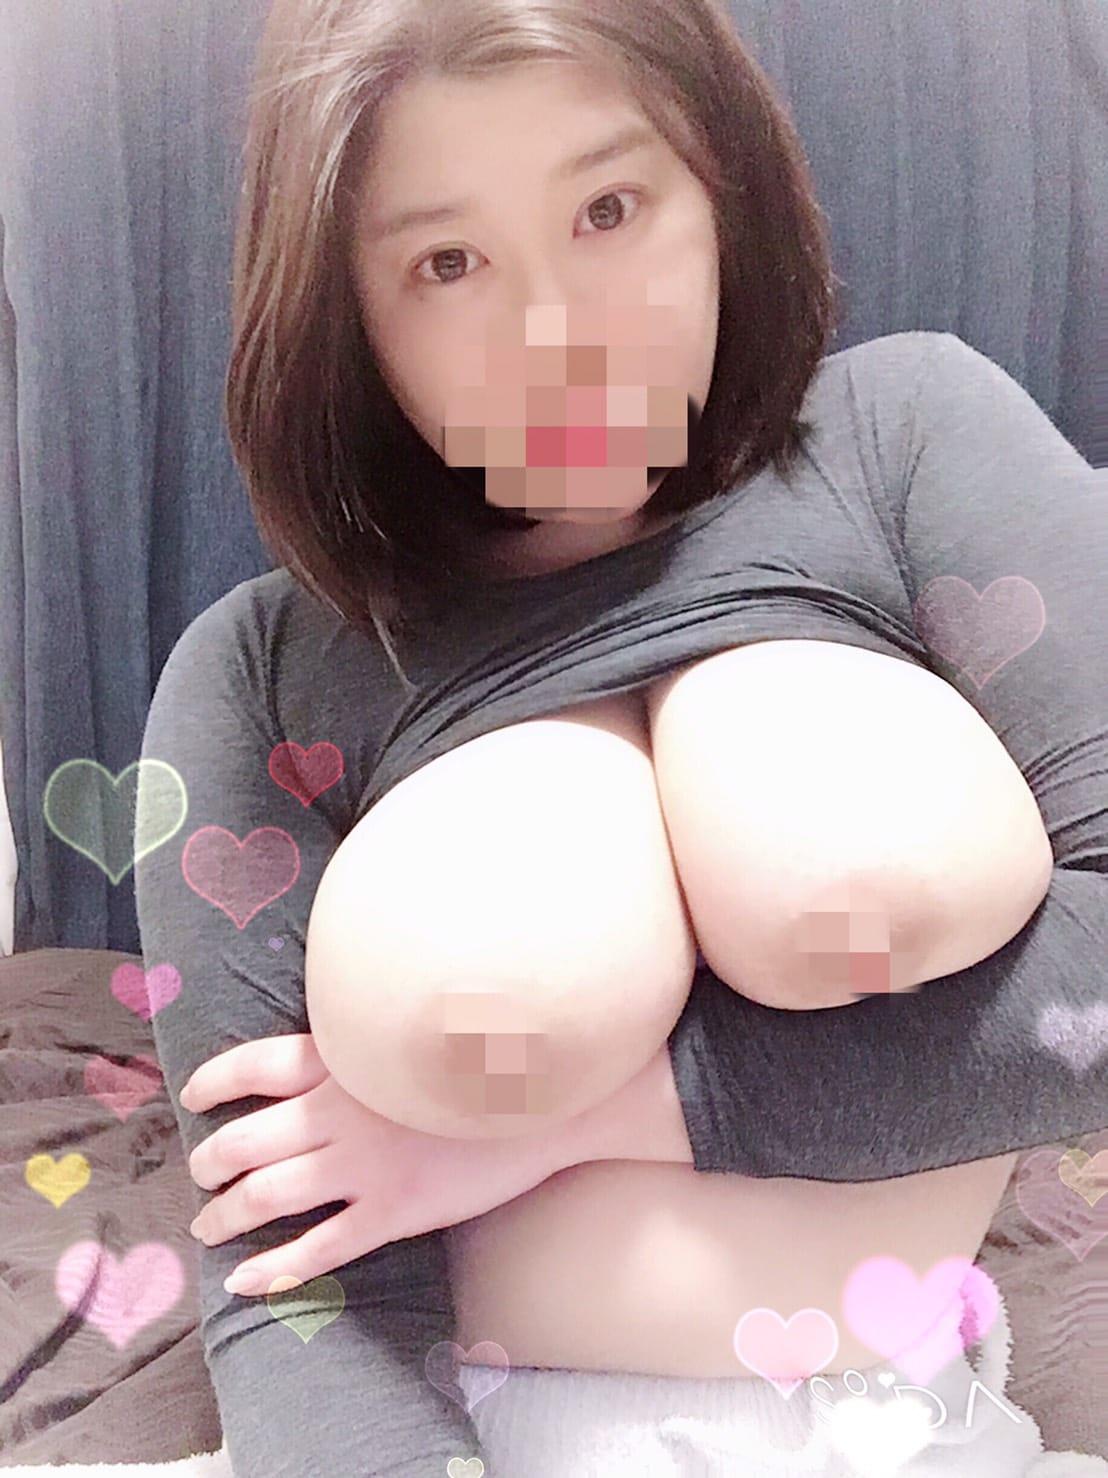 「まゆこ★」02/22(金) 12:07 | まゆこの写メ・風俗動画